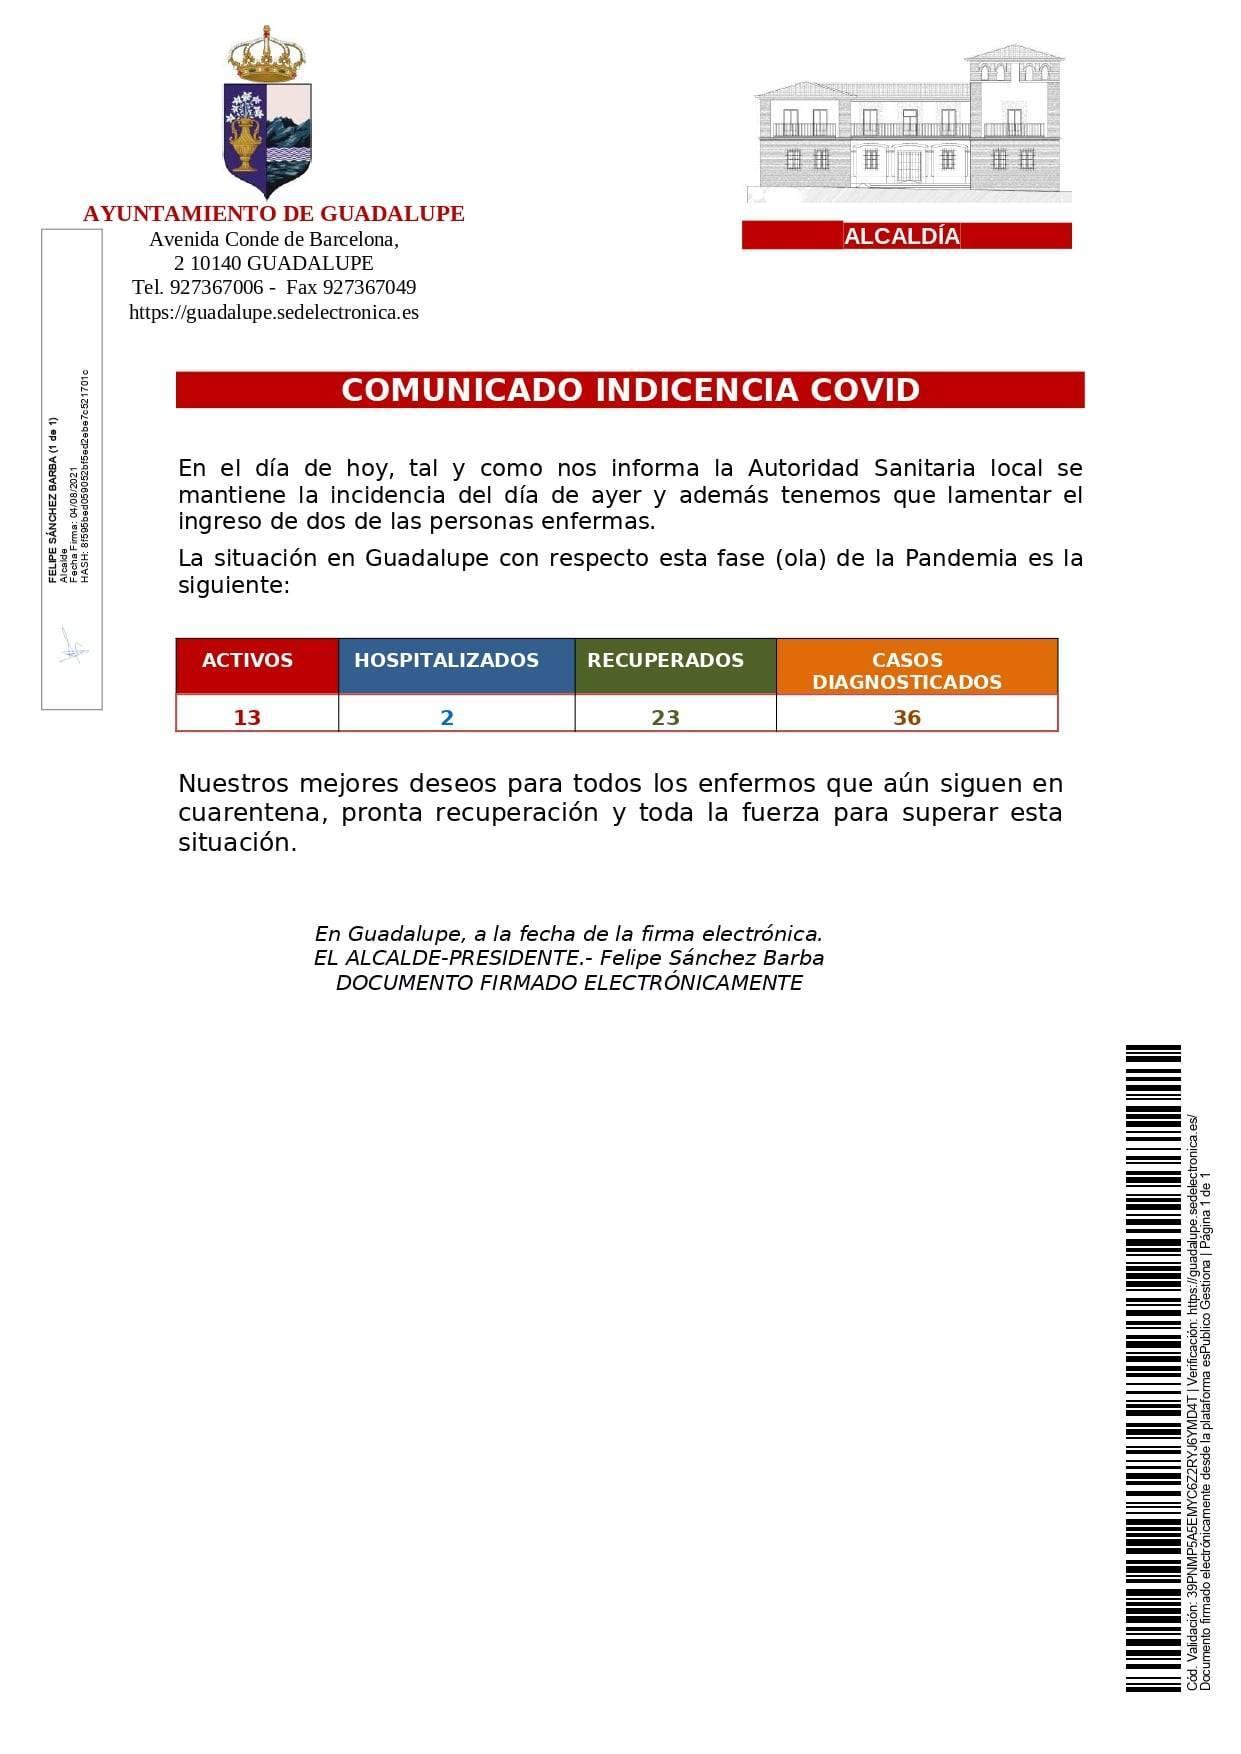 2 hospitalizados por COVID-19 (agosto 2021) - Guadalupe (Cáceres)